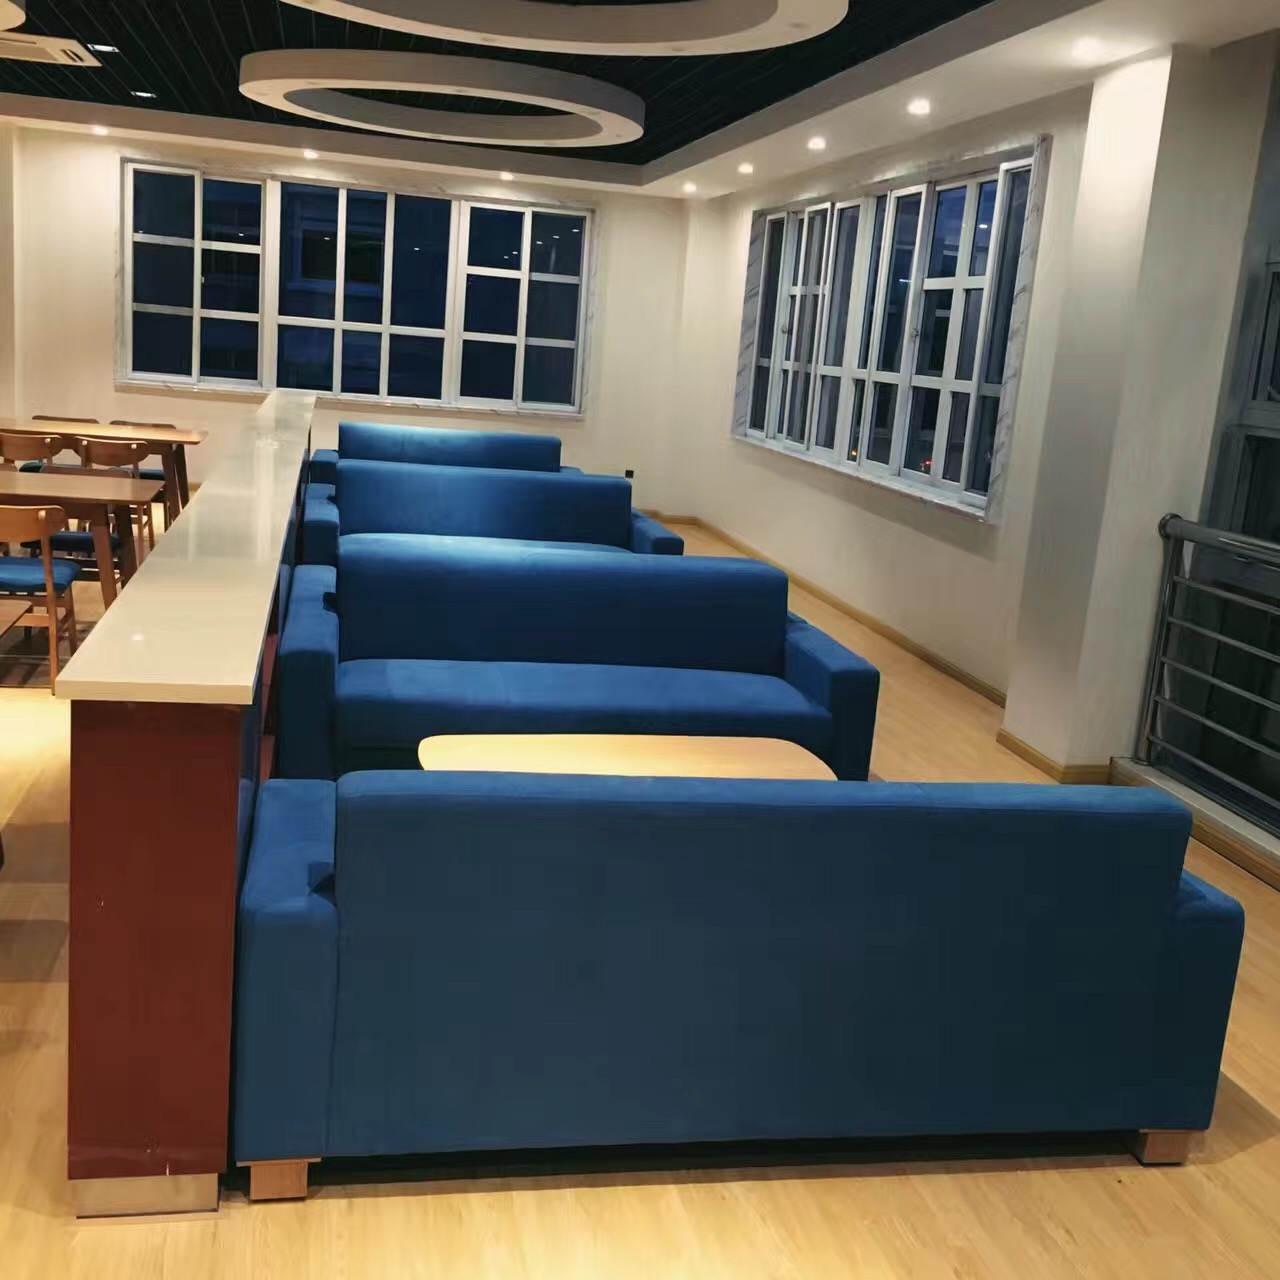 扬州中学慕林楼咖啡厅